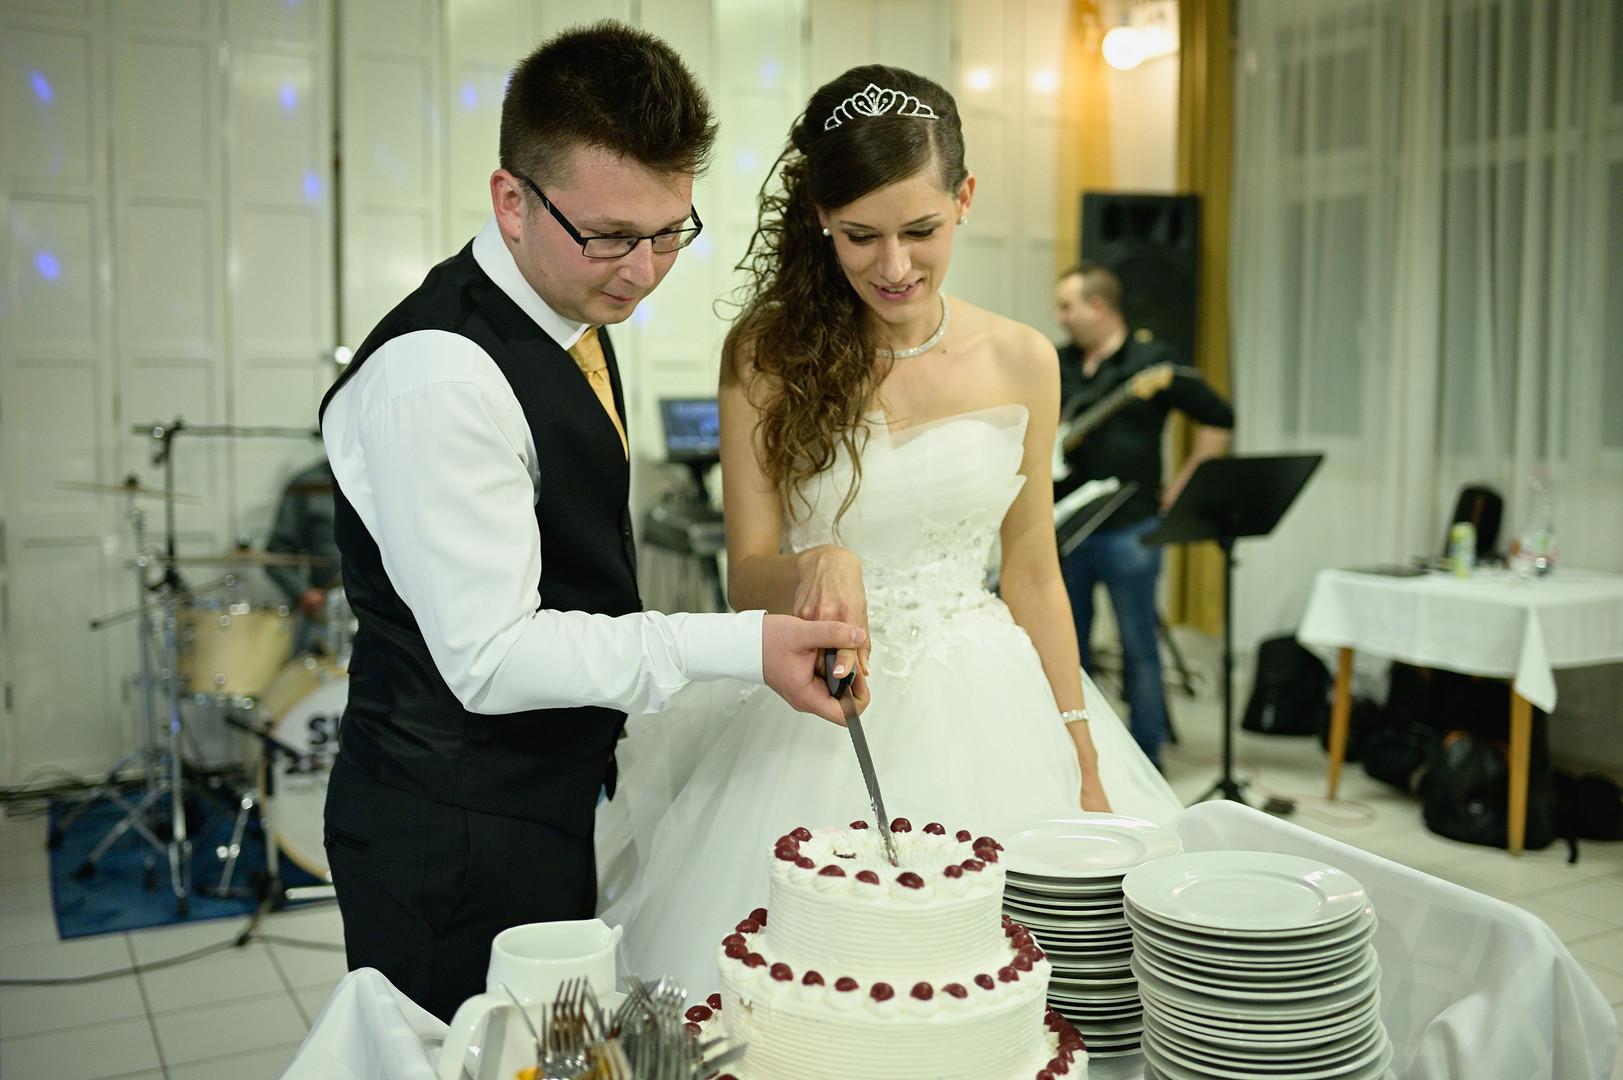 527 - Esküvő fotózás - Dia és Endi  - Bu